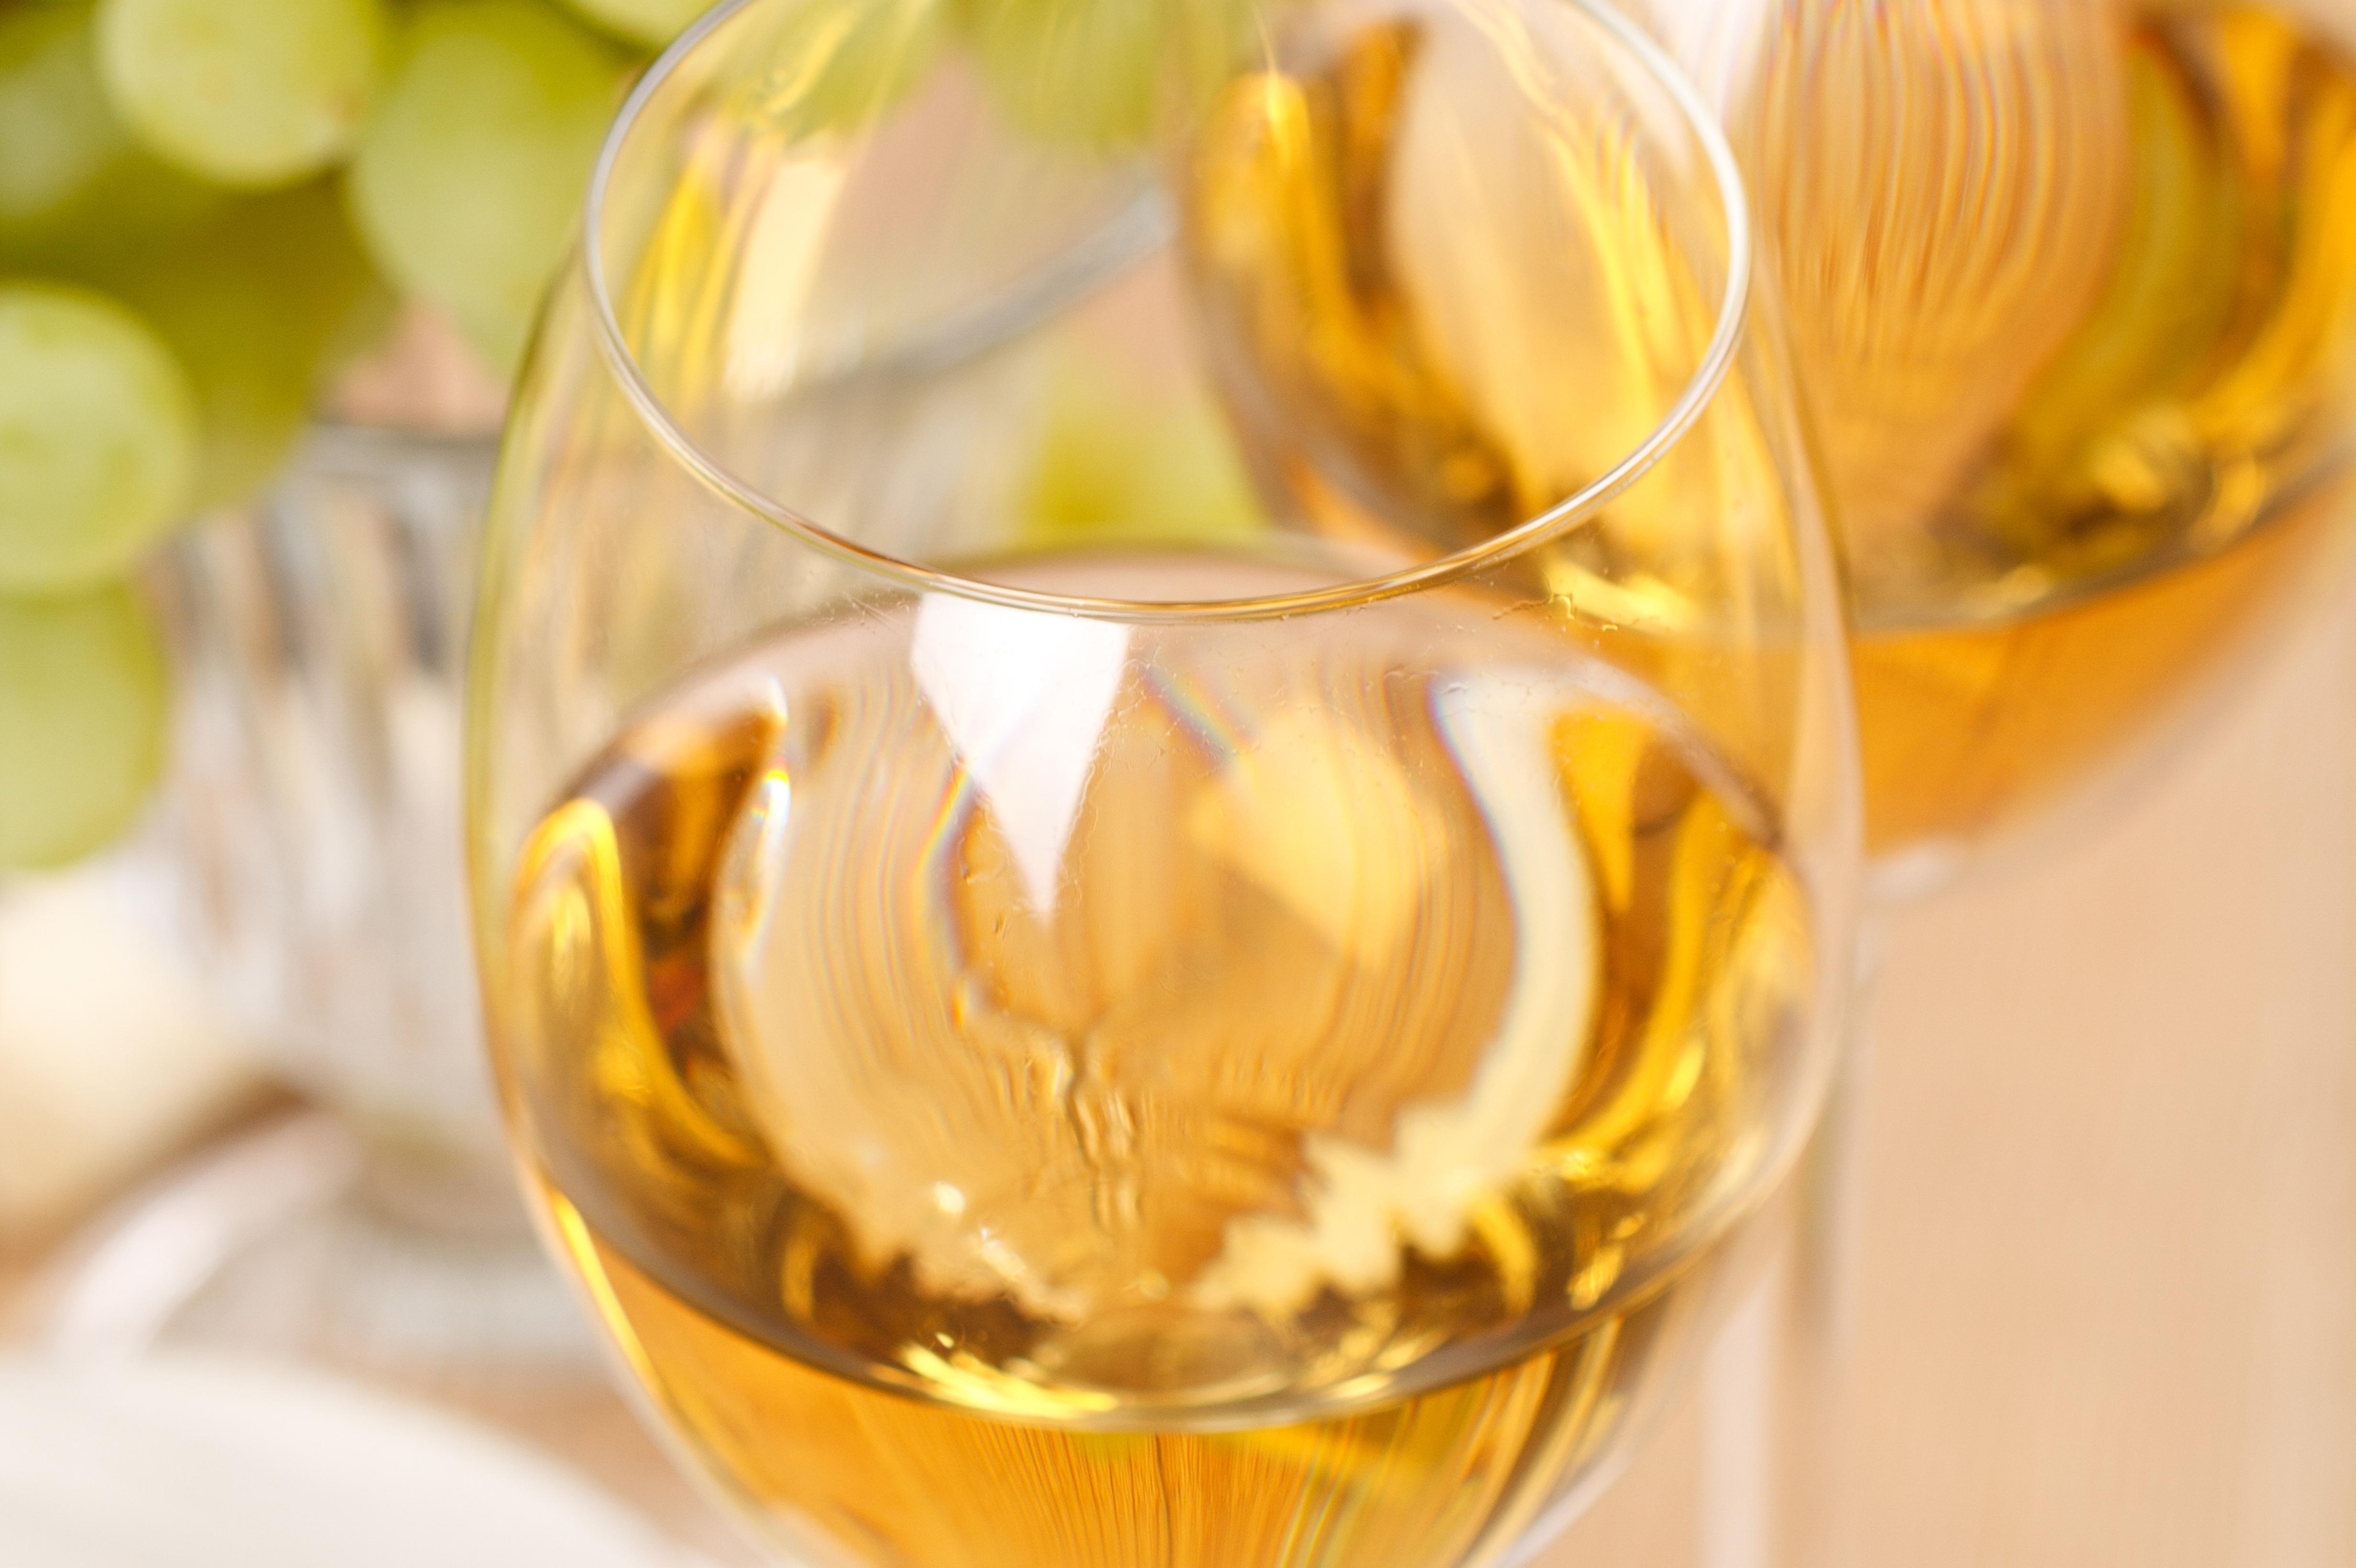 ¿Existe un buen vino bajo en alcohol?